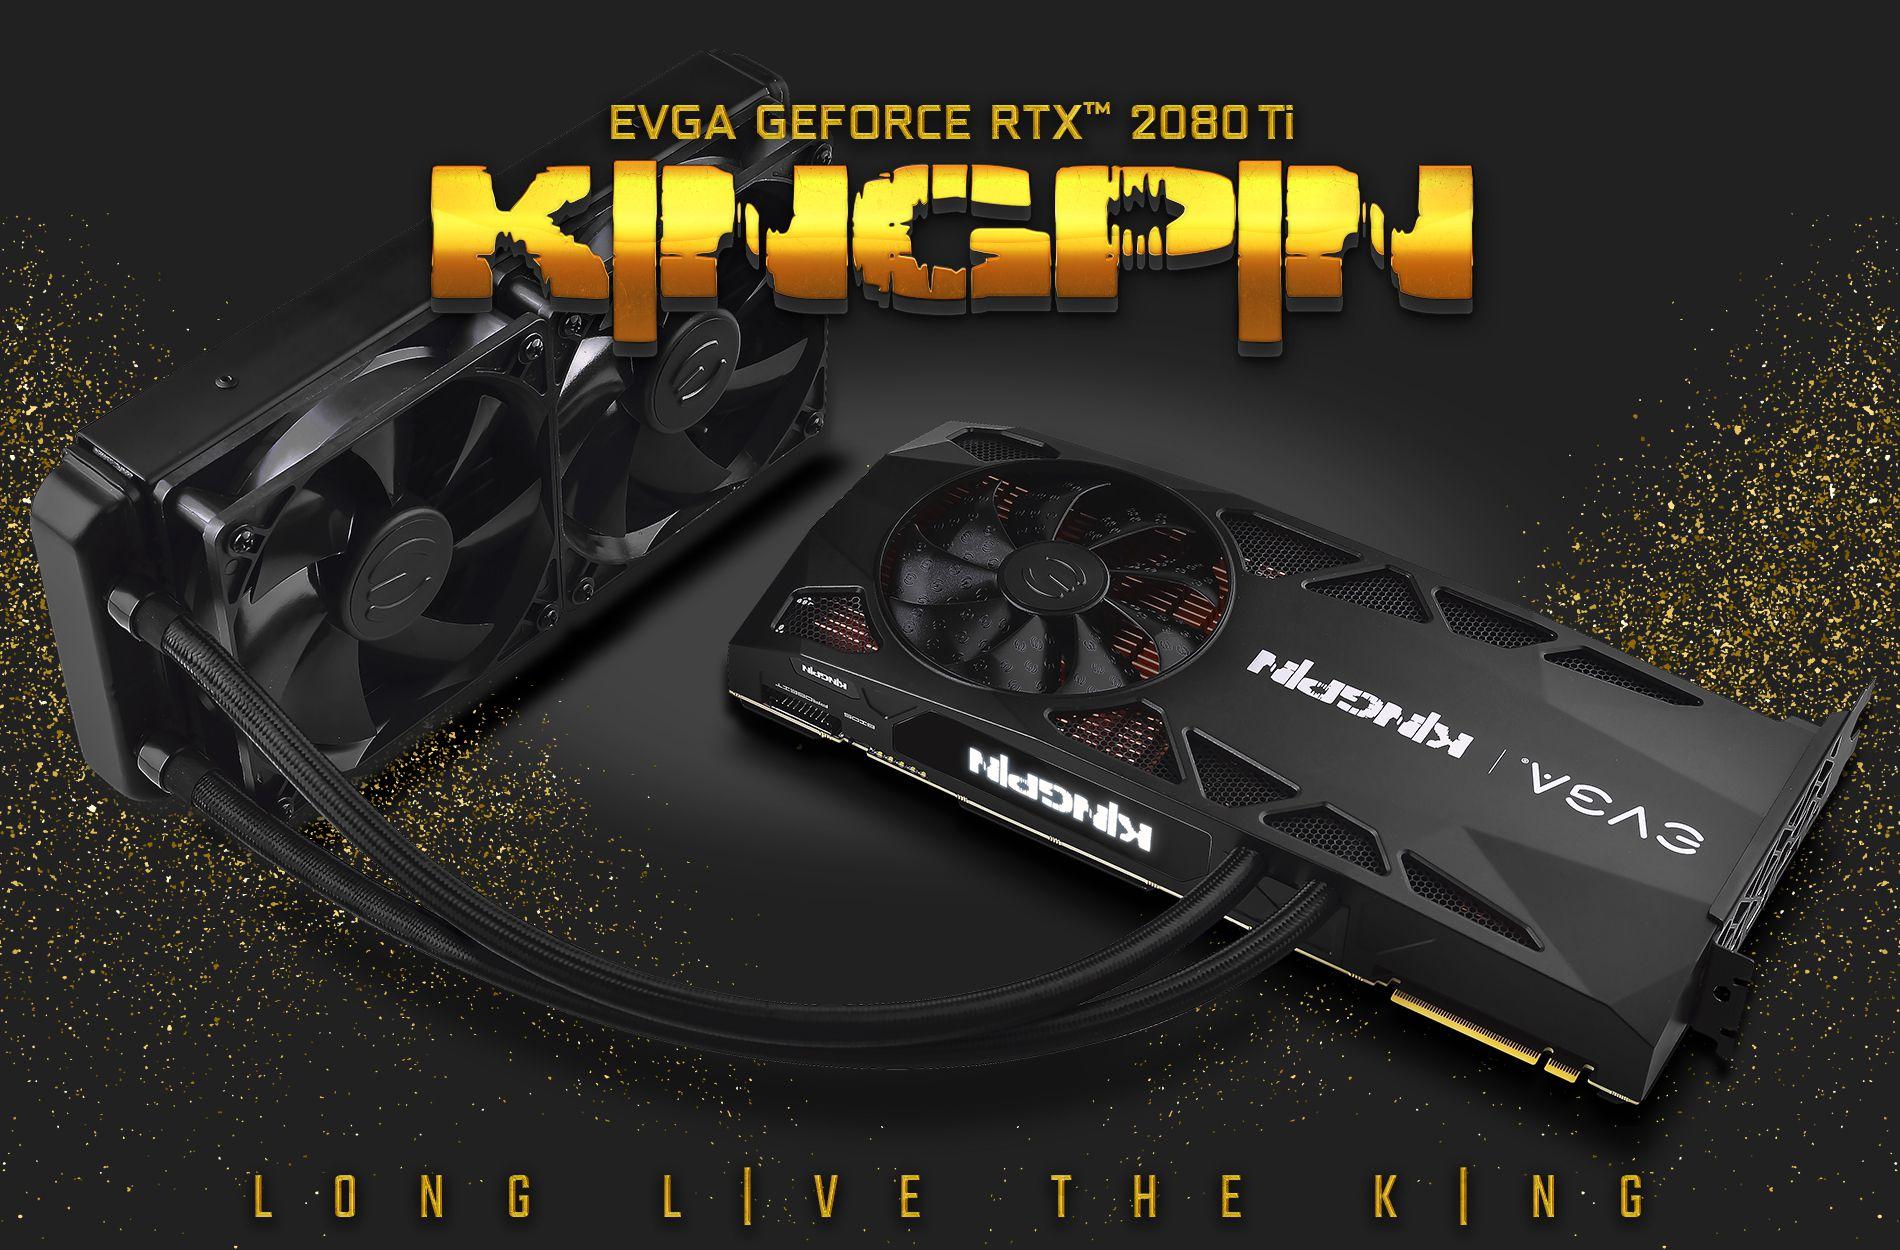 أقوى بطاقات كسر السرعة EVGA RTX 2080 Ti KINGPIN متاحة الان بسعر 1900 دولار